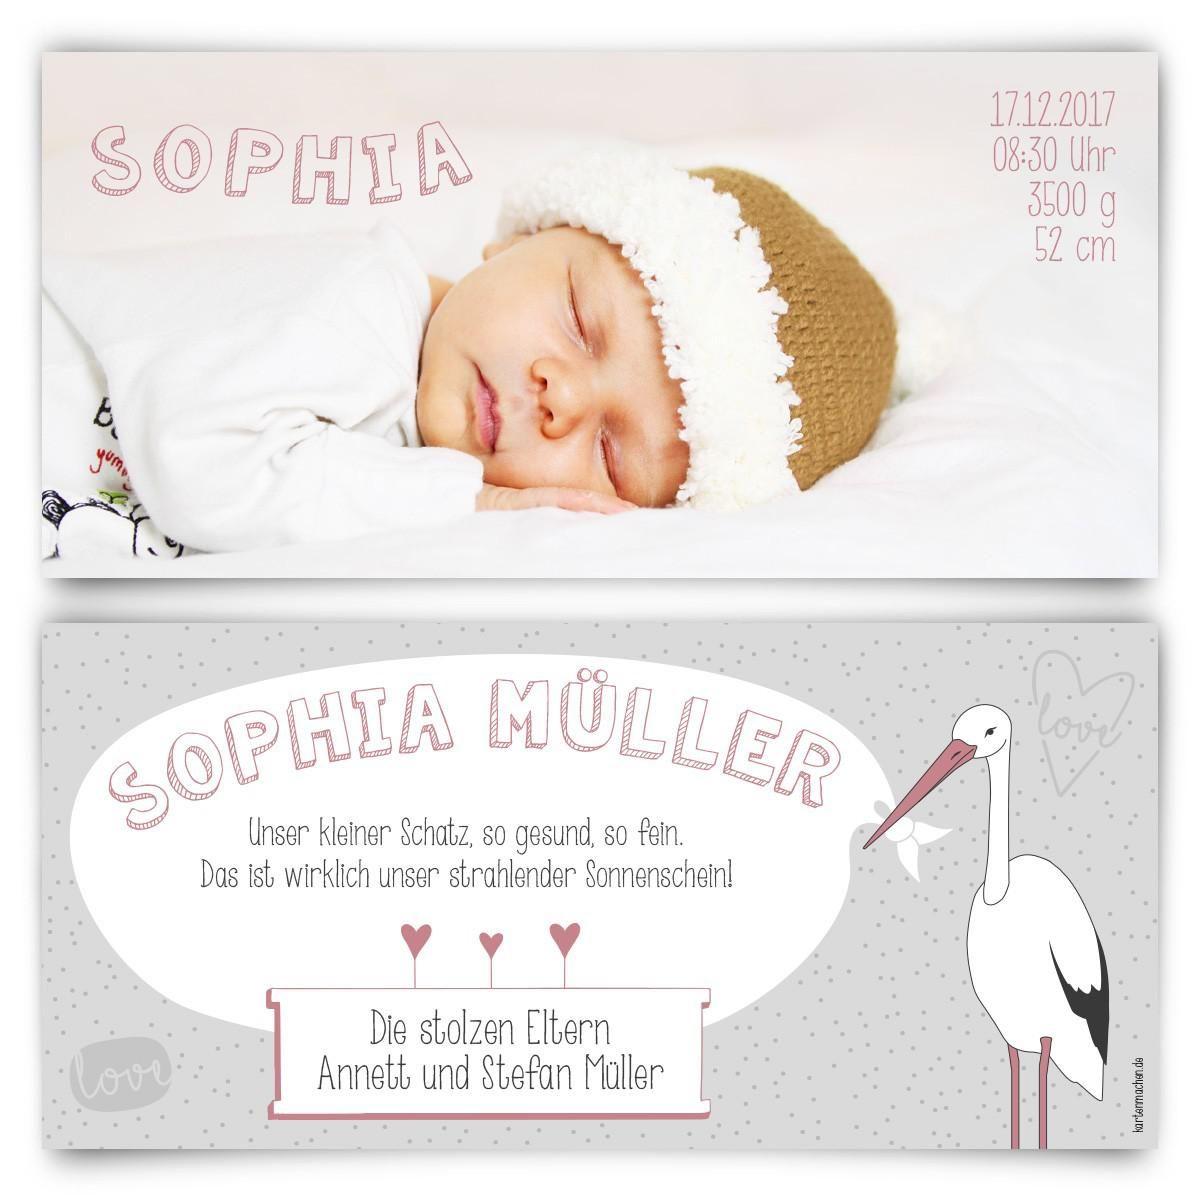 Fesselnd Einladungskarten Online Drucken : Lustige Einladungskarten Online Drucken   Online  Einladungskarten   Online Einladungskarten